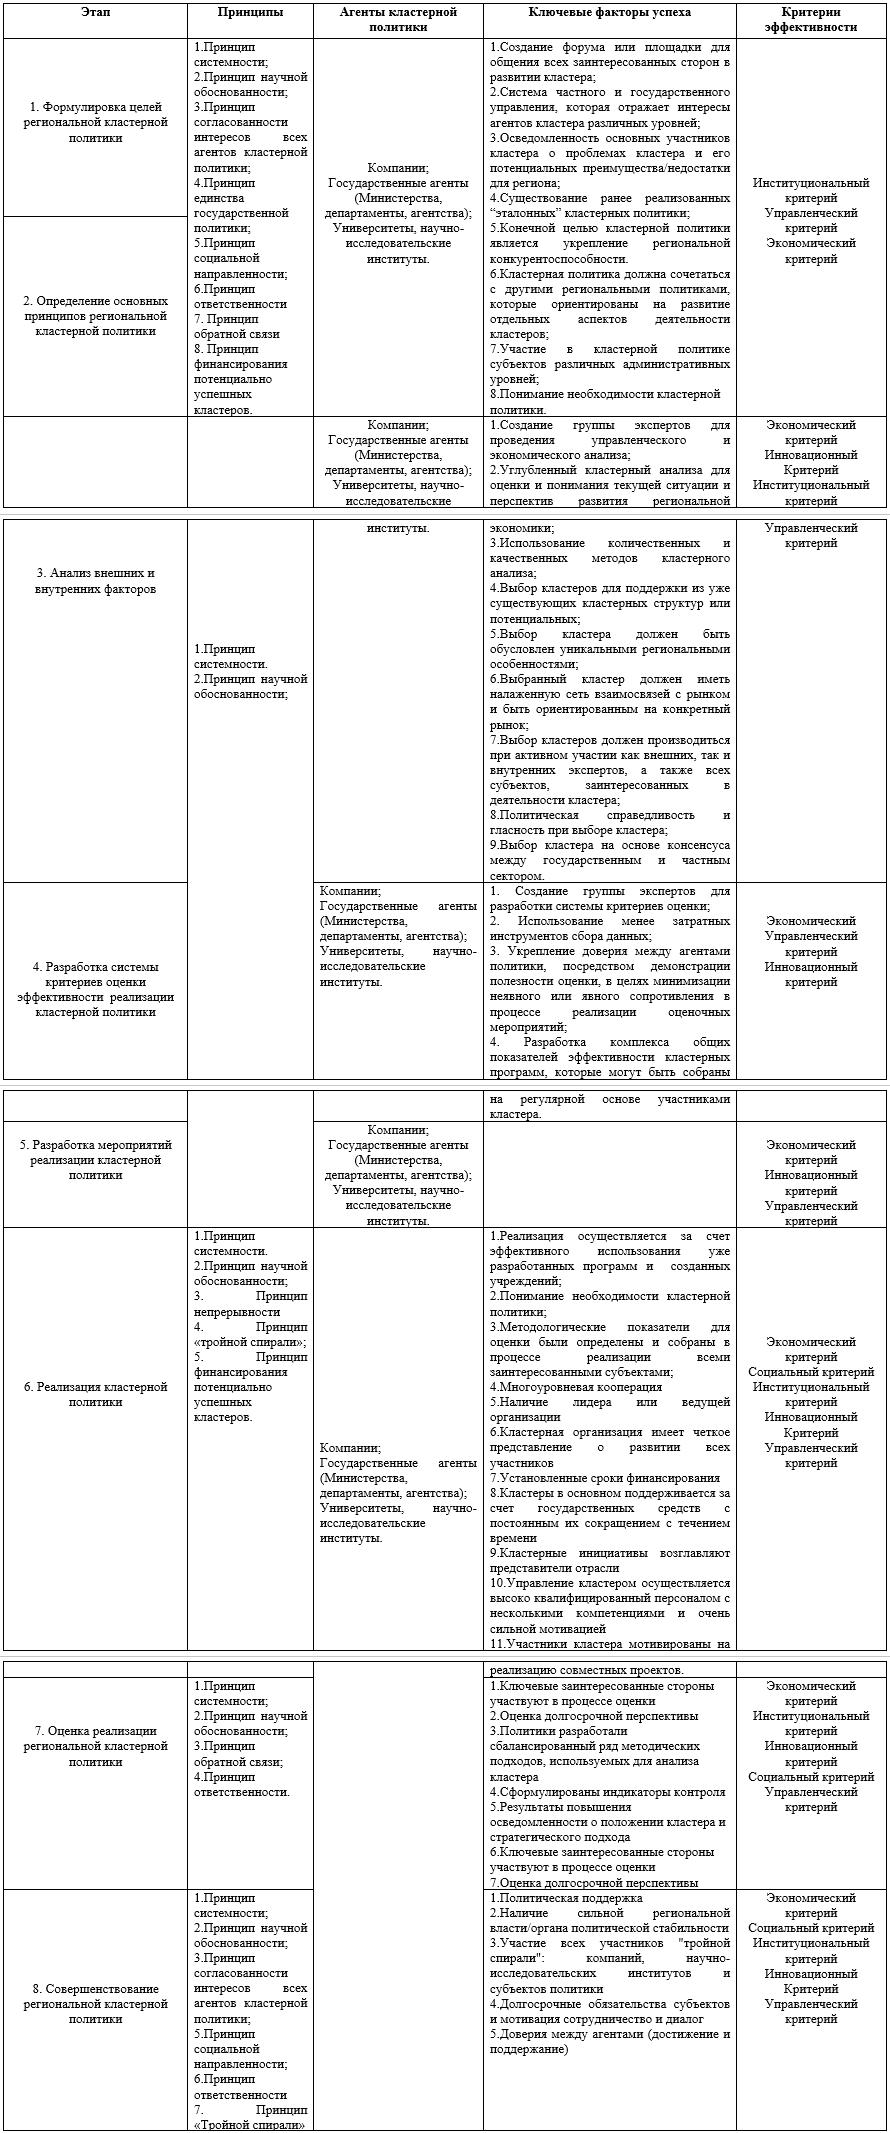 Декомпозиция модели региональной кластерной политики